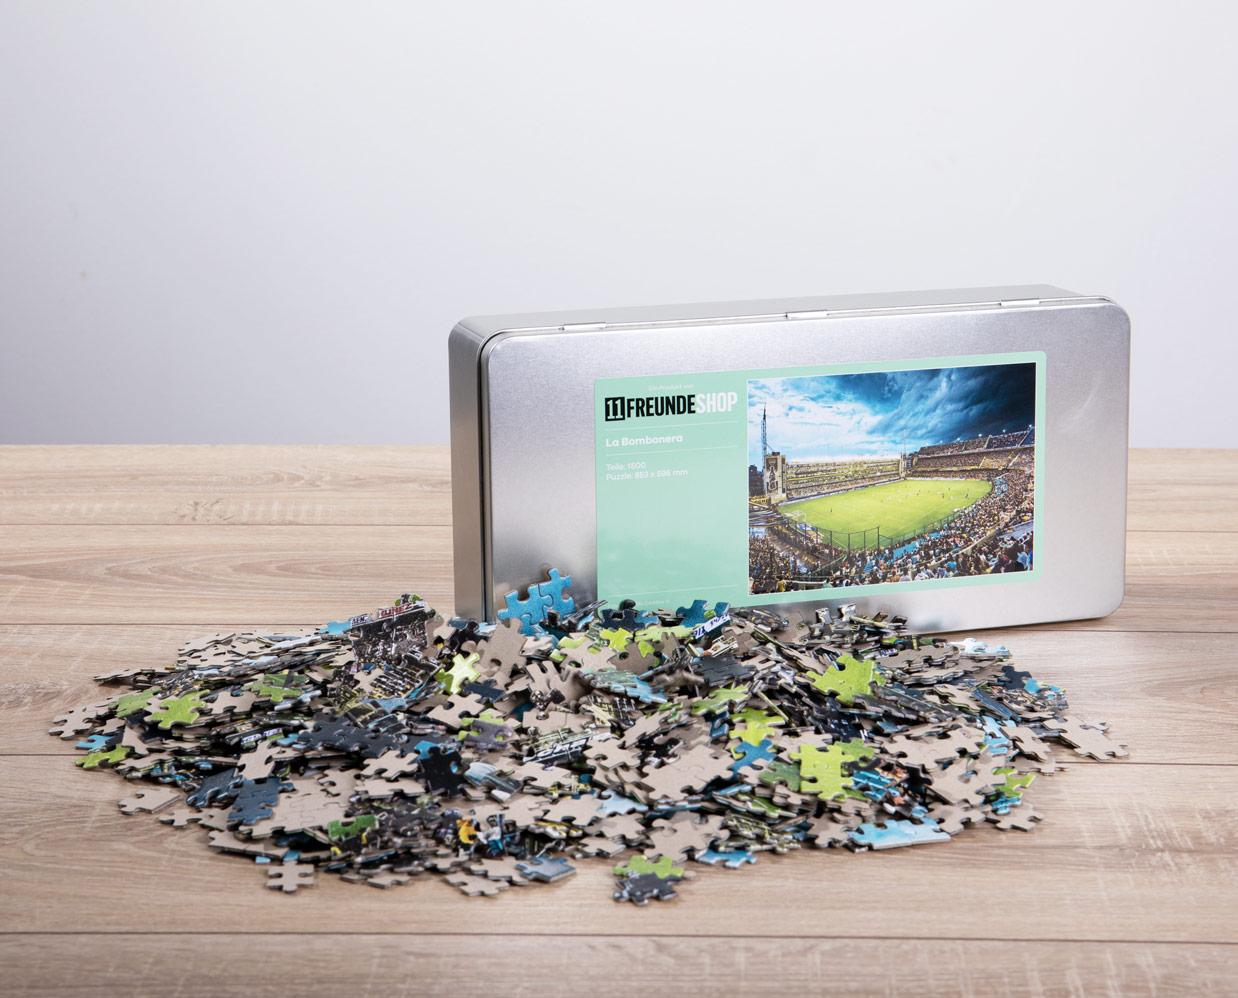 11FREUNDE Puzzles mit Fußball- und Sportmotiven in Blechbox